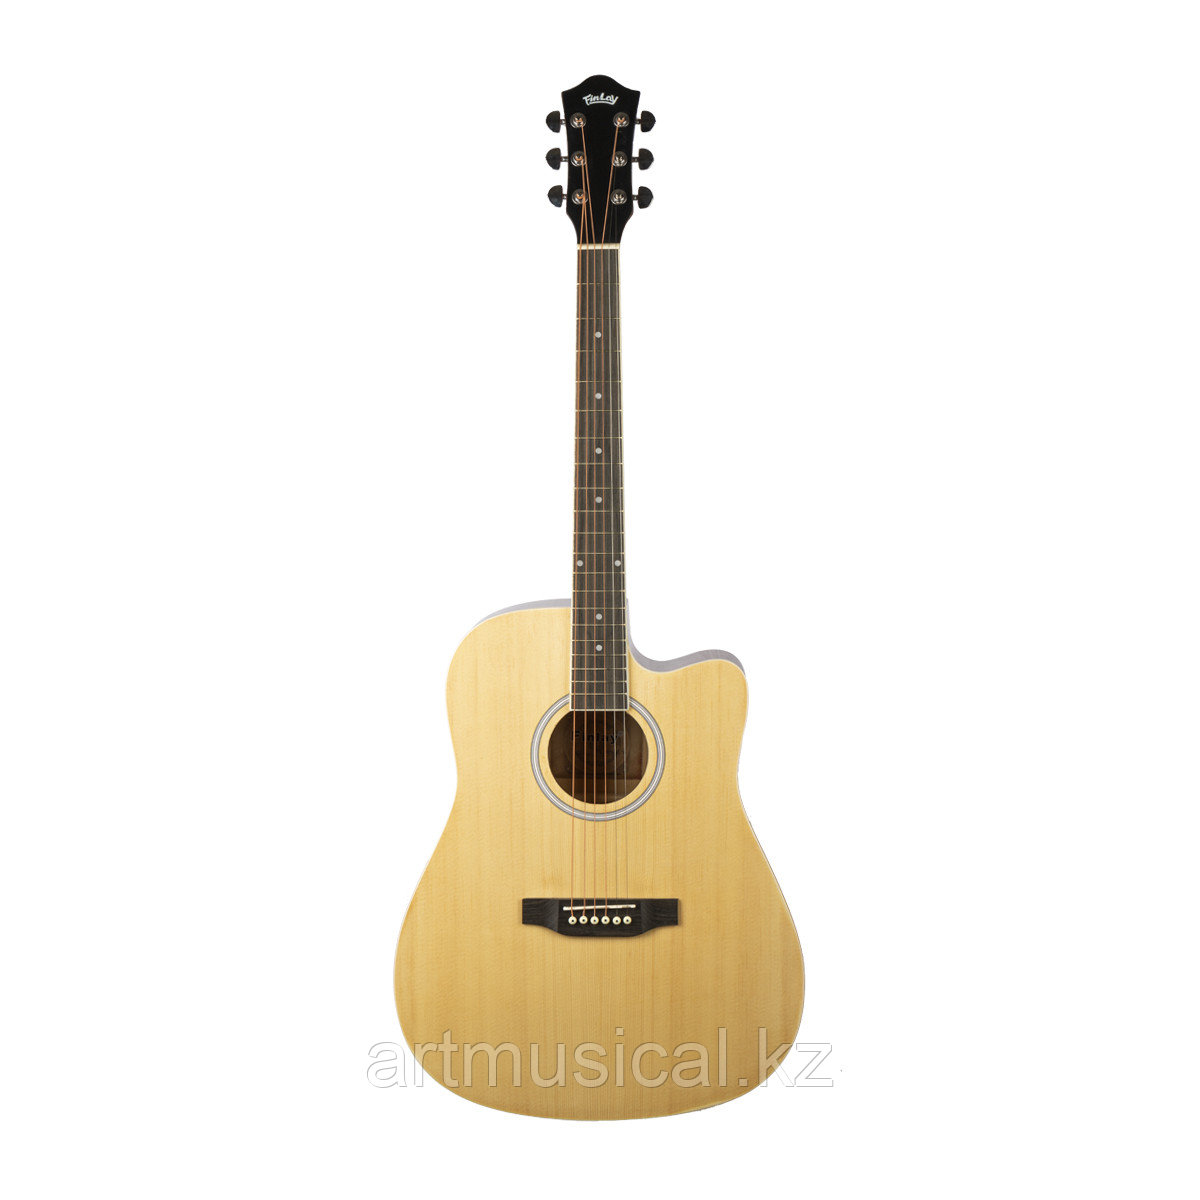 Акустическая гитара Finlay 41 NT